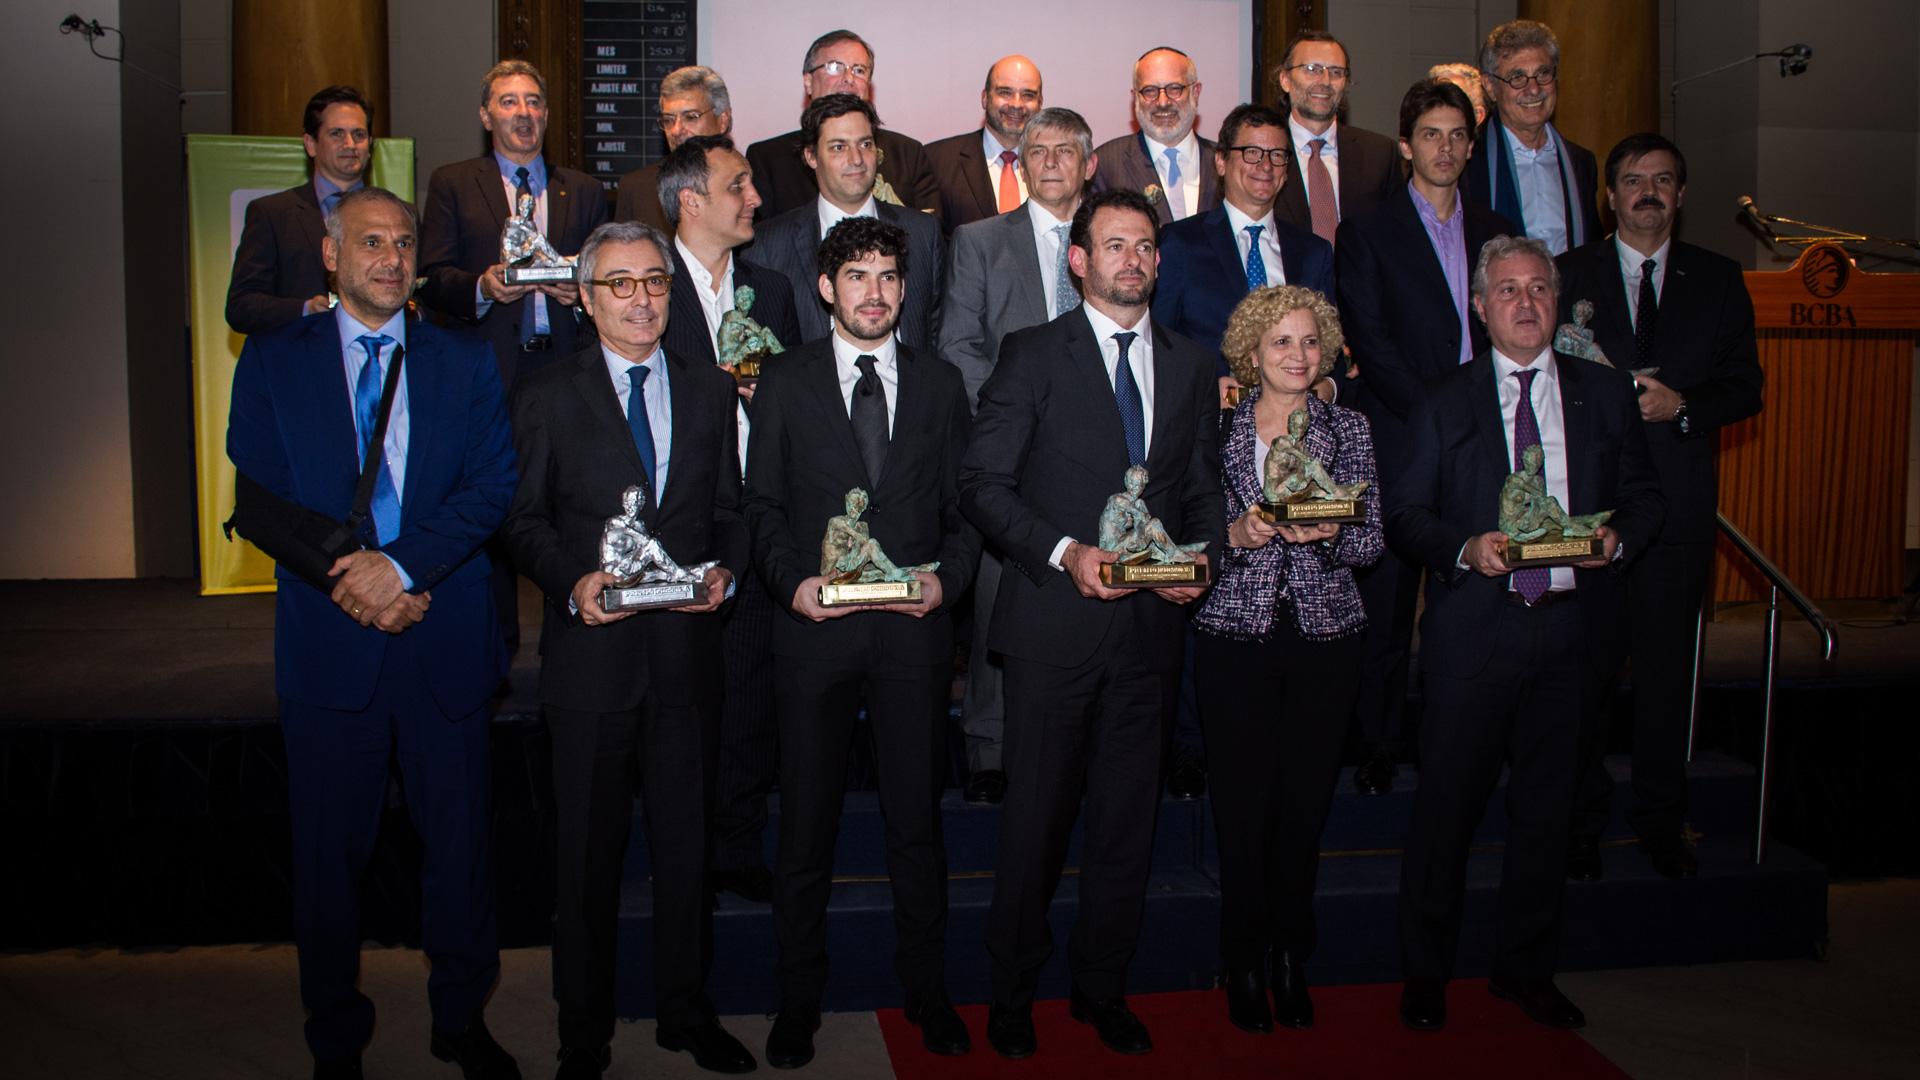 La foto final con todos los ganadores de los Premios Fortuna a las Mejores y Mayores Empresas del País 2017 /// Fotos: Martín Rosenzveig